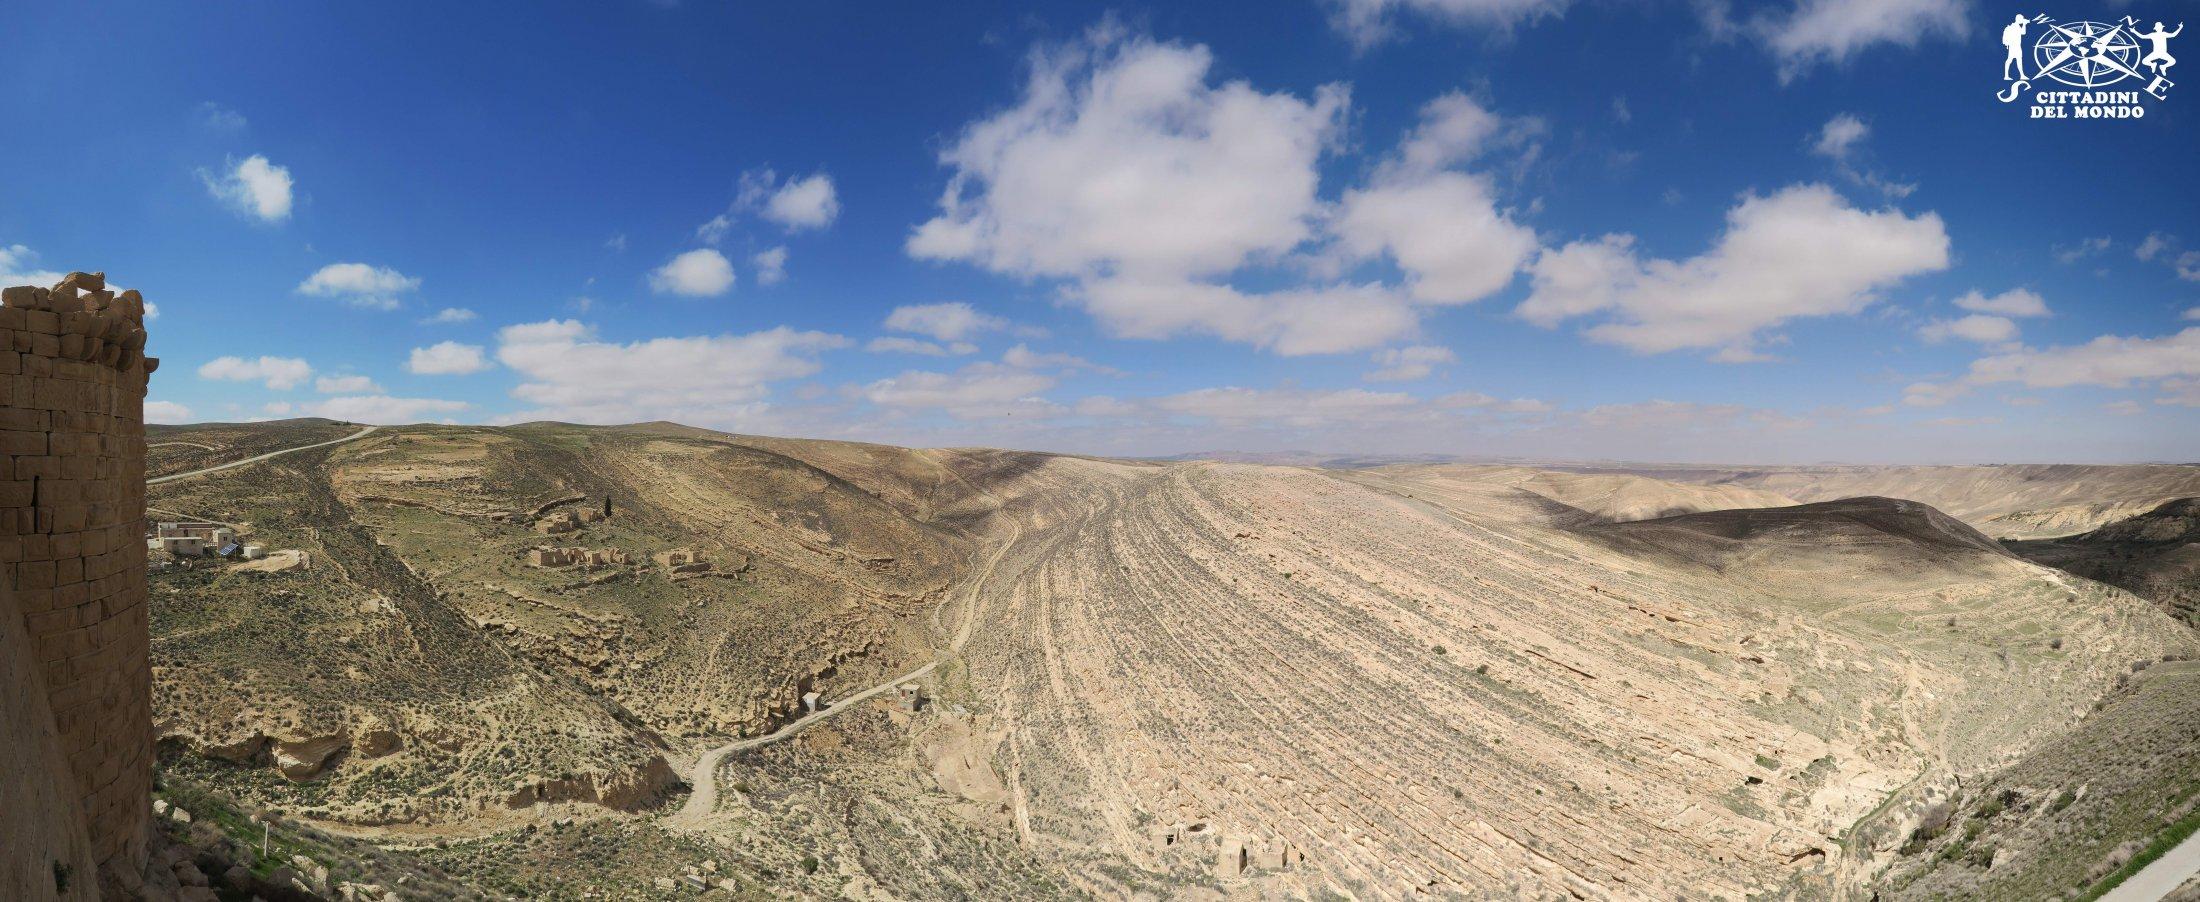 Galleria Giordania: Castello di Karak / Gallery Jordan: Karak Castle